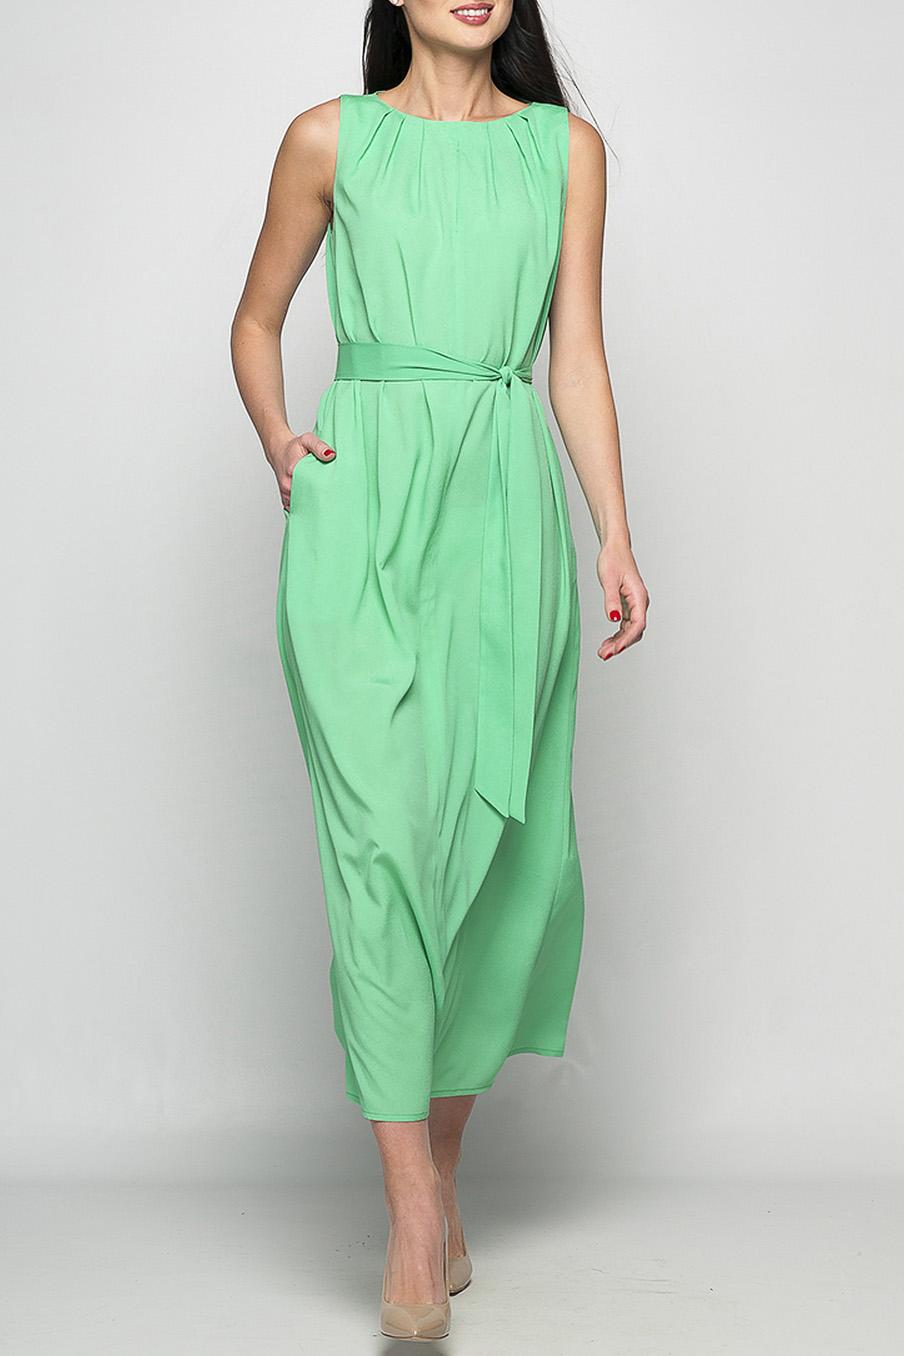 ПлатьеПлатья<br>Элегантное платье, которое подойдет, как для свидания, так и для деловой встречи, украсит Ваш гардероб. Просторные карманы не крадут изящности, но предоставляют Вам возможность взять с собой необходимые мелочи. Легкие складочки и небольшой вырез на груди добавят дополнительный акцент, который без сомнения привлечет внимание.   Параметры изделия:  44 размер: обхват груди - 98 см, обхват бедер - 118 см, длина изделия - 130 см;  52 размер: обхват груди - 112 см, обхват бедер - 124 см, длина изделия - 131 см.  Цвет: нежно-зеленый  Рост девушки-фотомодели 175 см<br><br>Горловина: С- горловина<br>По длине: Миди,Макси<br>По материалу: Шифон<br>По рисунку: Однотонные<br>По силуэту: Прямые<br>По стилю: Летний стиль,Повседневный стиль<br>По элементам: С декором,С карманами,Со складками<br>Рукав: Без рукавов<br>По сезону: Лето<br>Размер : 44,50<br>Материал: Шифон<br>Количество в наличии: 2